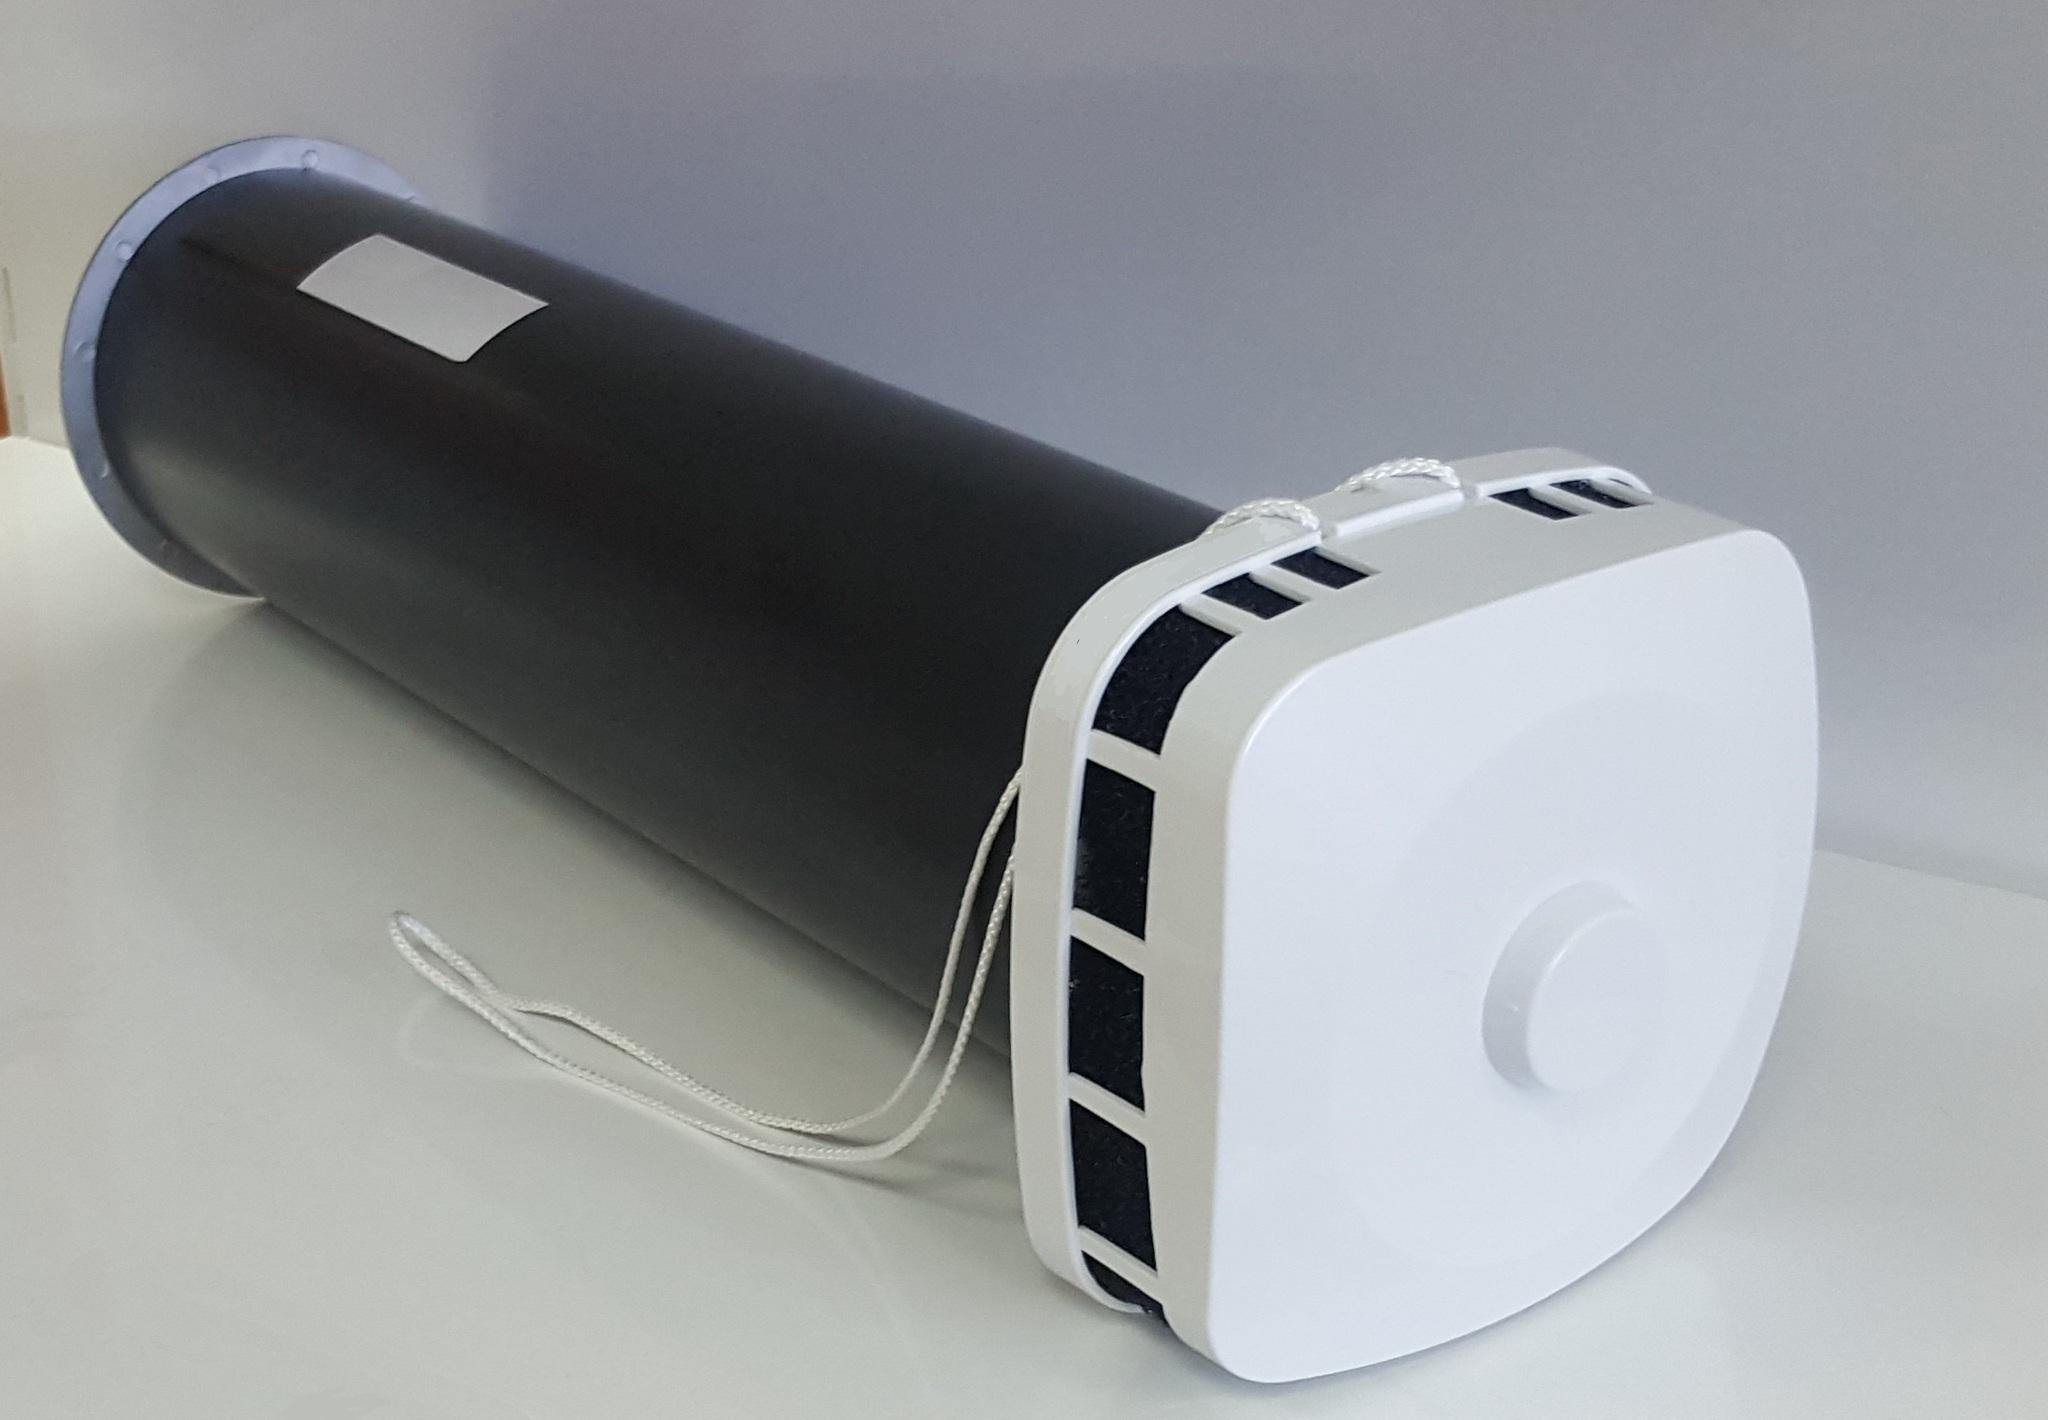 Airone (Россия) КИВ 125 1м с антивандальной решеткой и квадратным оголовком Inked20180214_113554_LI.jpg